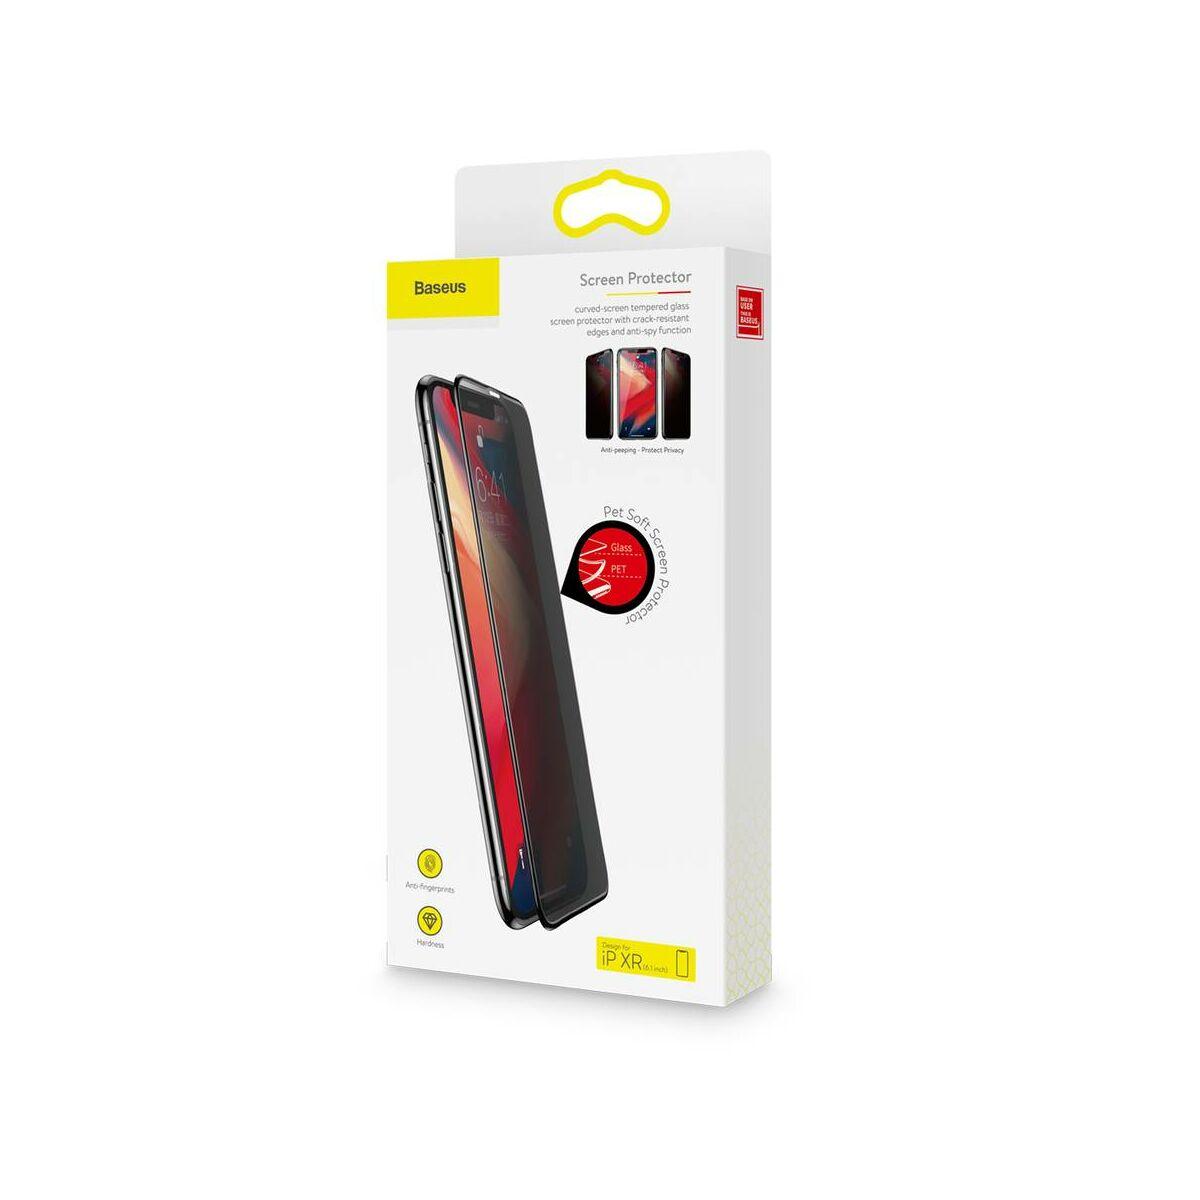 """Baseus iPhone XR/ 11 (6.1"""") 0.23 mm, teljes felületre, Anti-Spy repedésálló edzett üveg kijelzővédő fólia, fekete (SGAPIPH61-TG01)"""